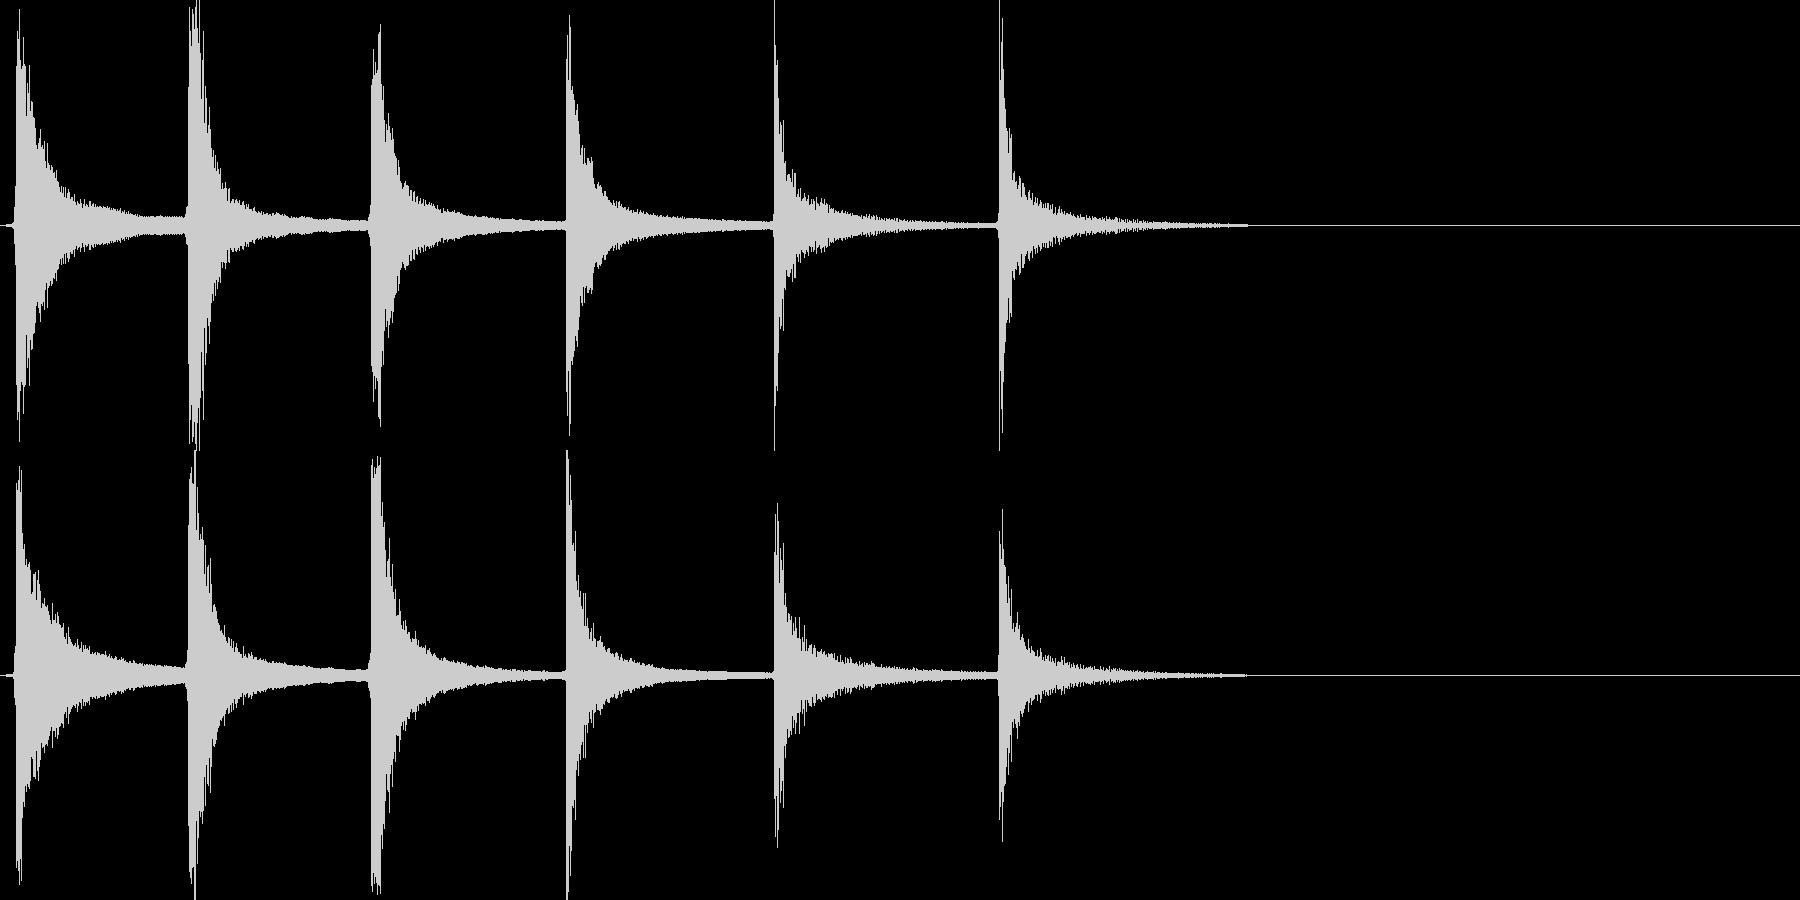 テュンテュンテュン…↓(失敗、コミカル)の未再生の波形